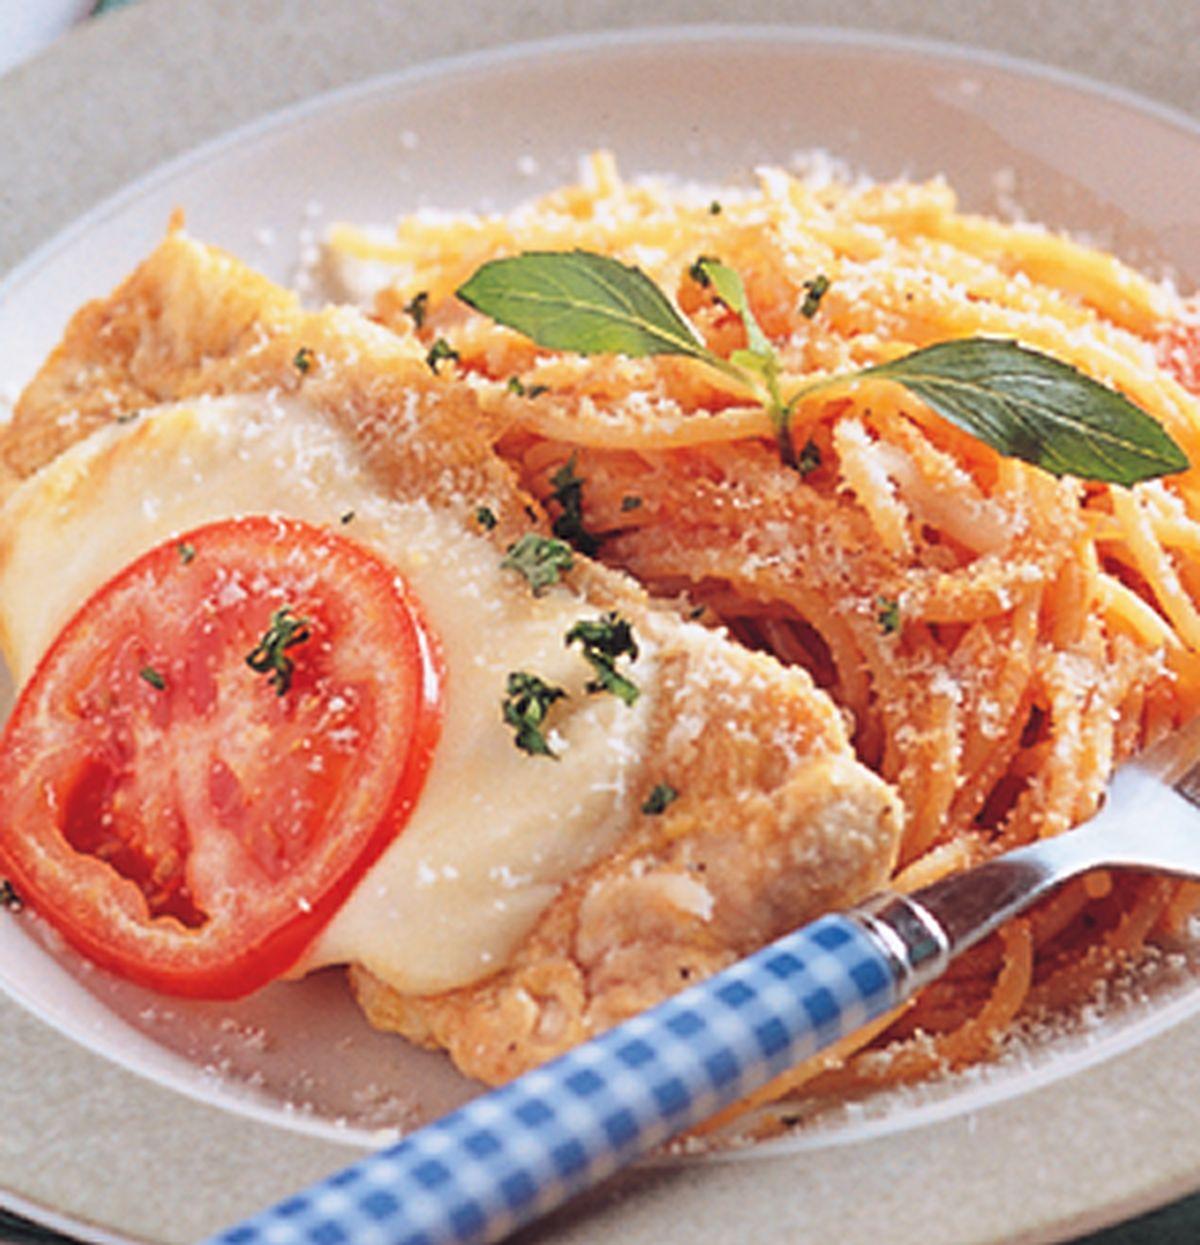 食譜:起士豬排蕃茄麵